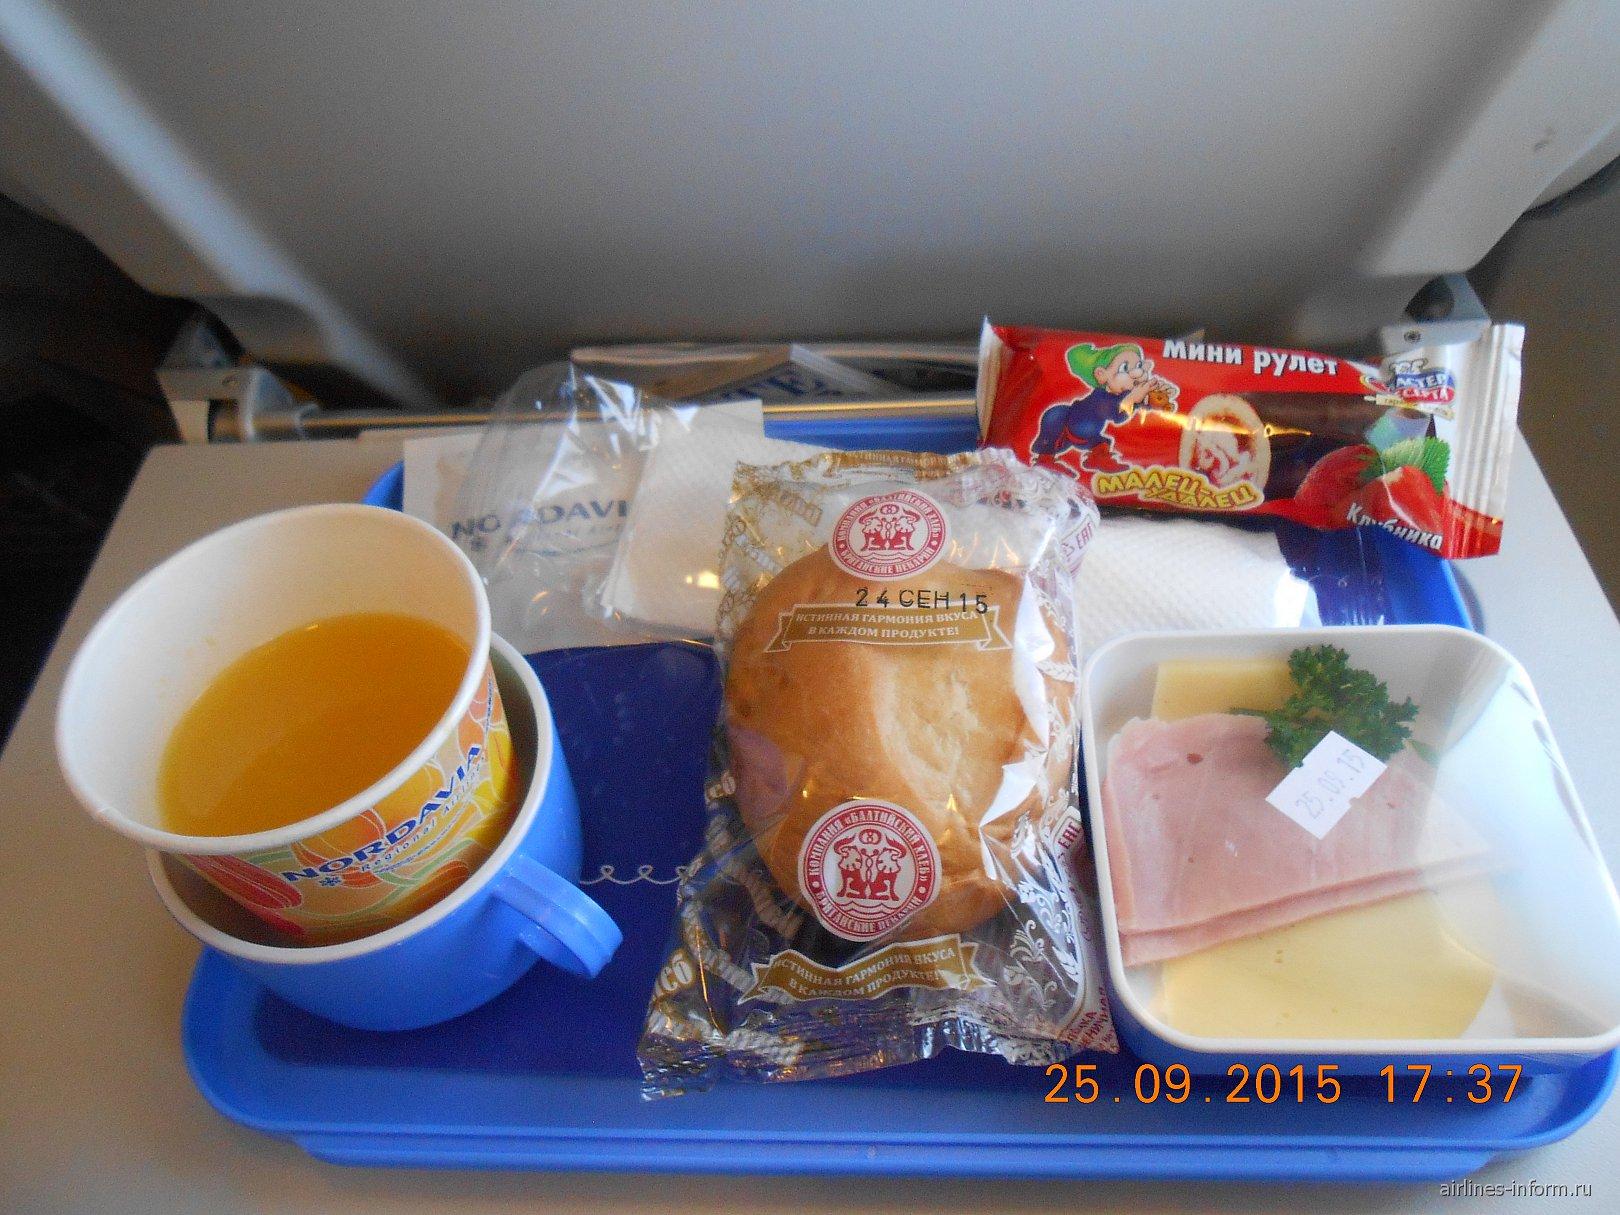 Бортовое питание на рейсе Нордавиа Сыктывкар-Санкт-Петербург